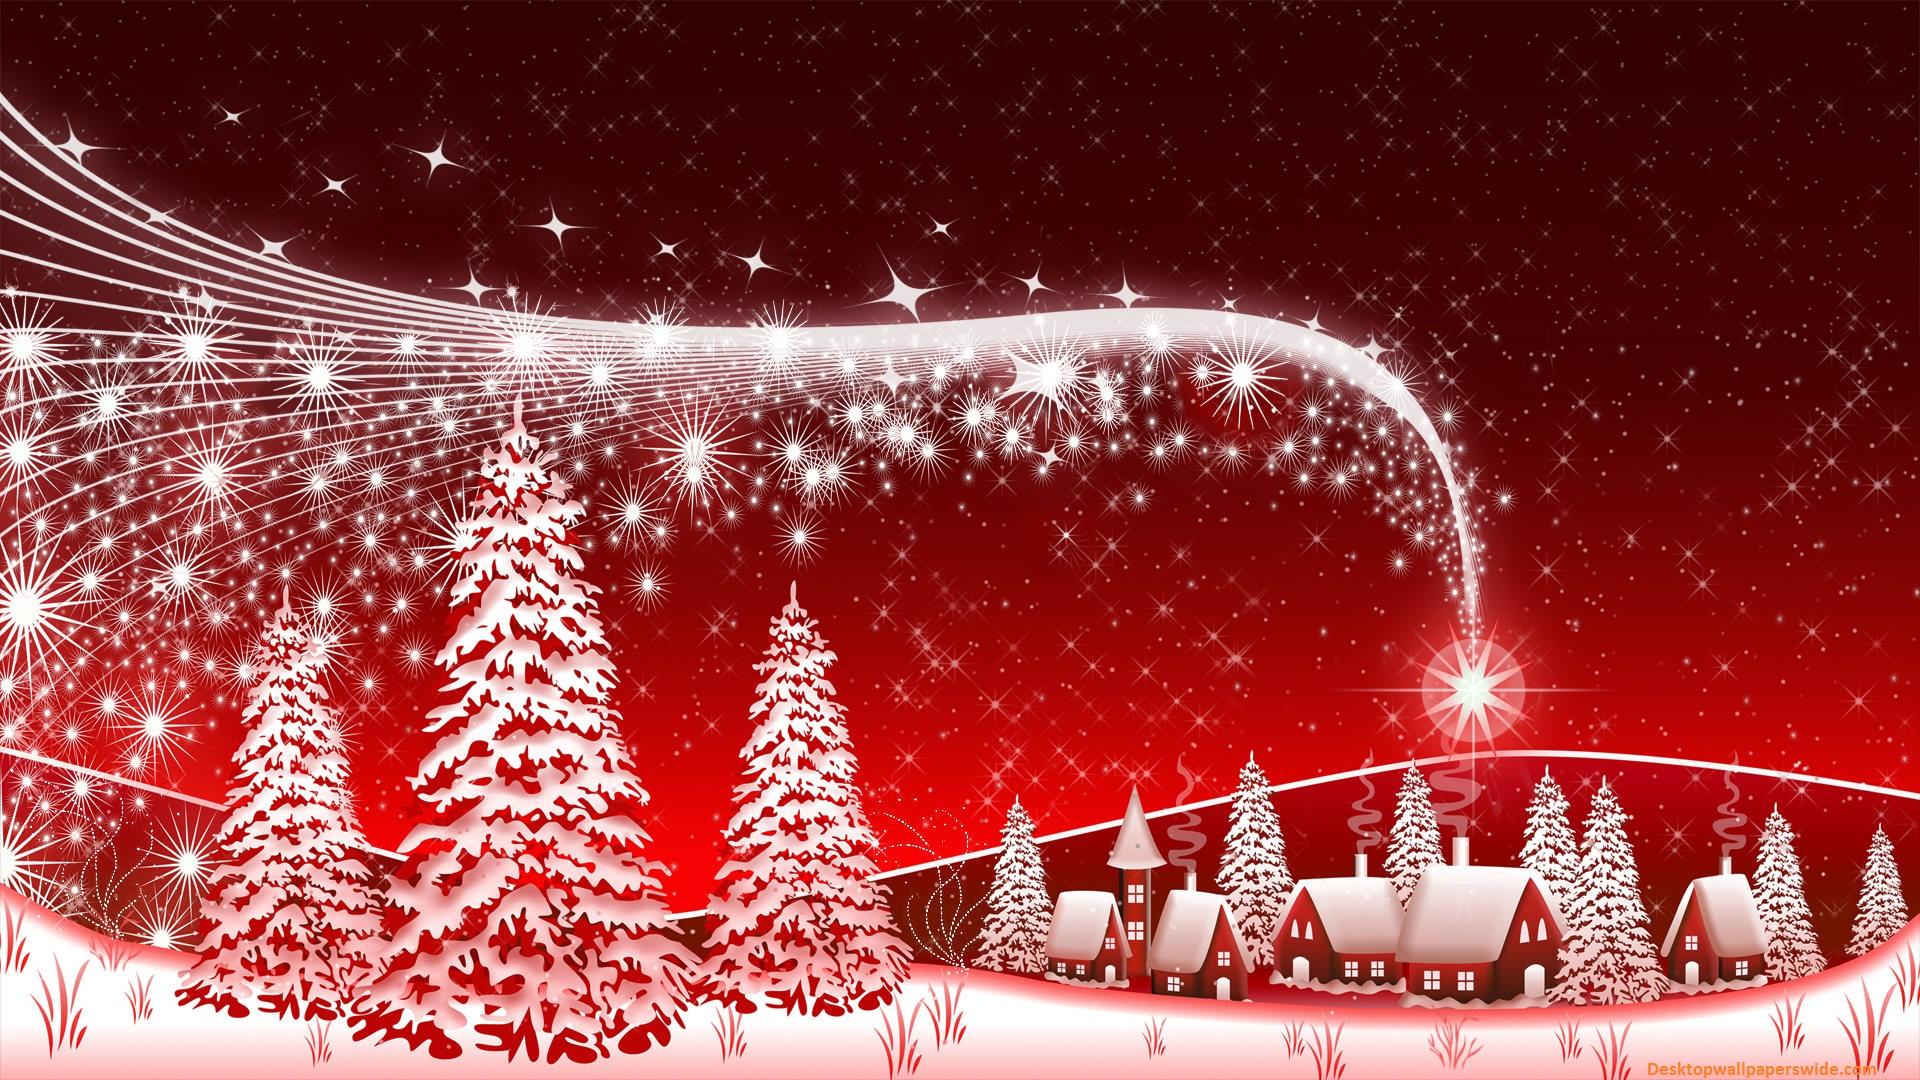 Merry Christmas 2013: Download free christmas pics